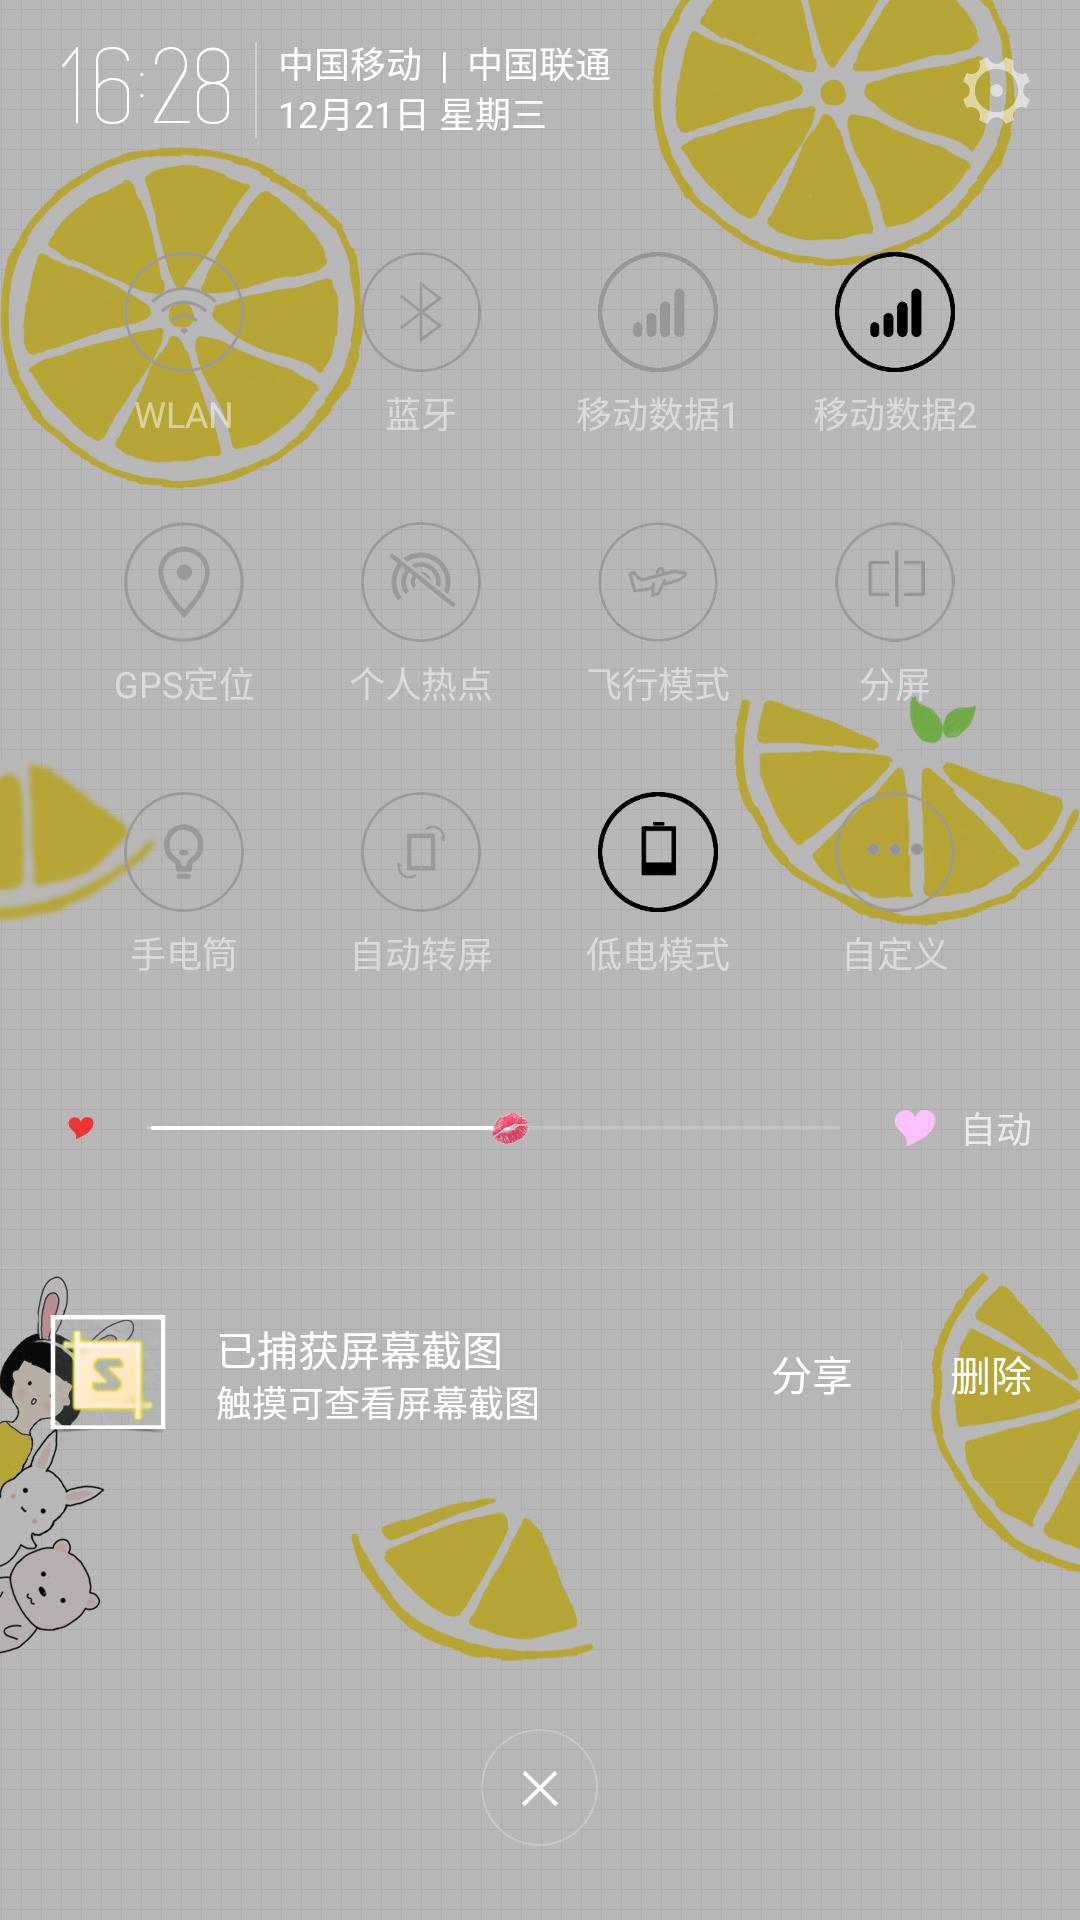 【主题组】小清新主题,柠檬